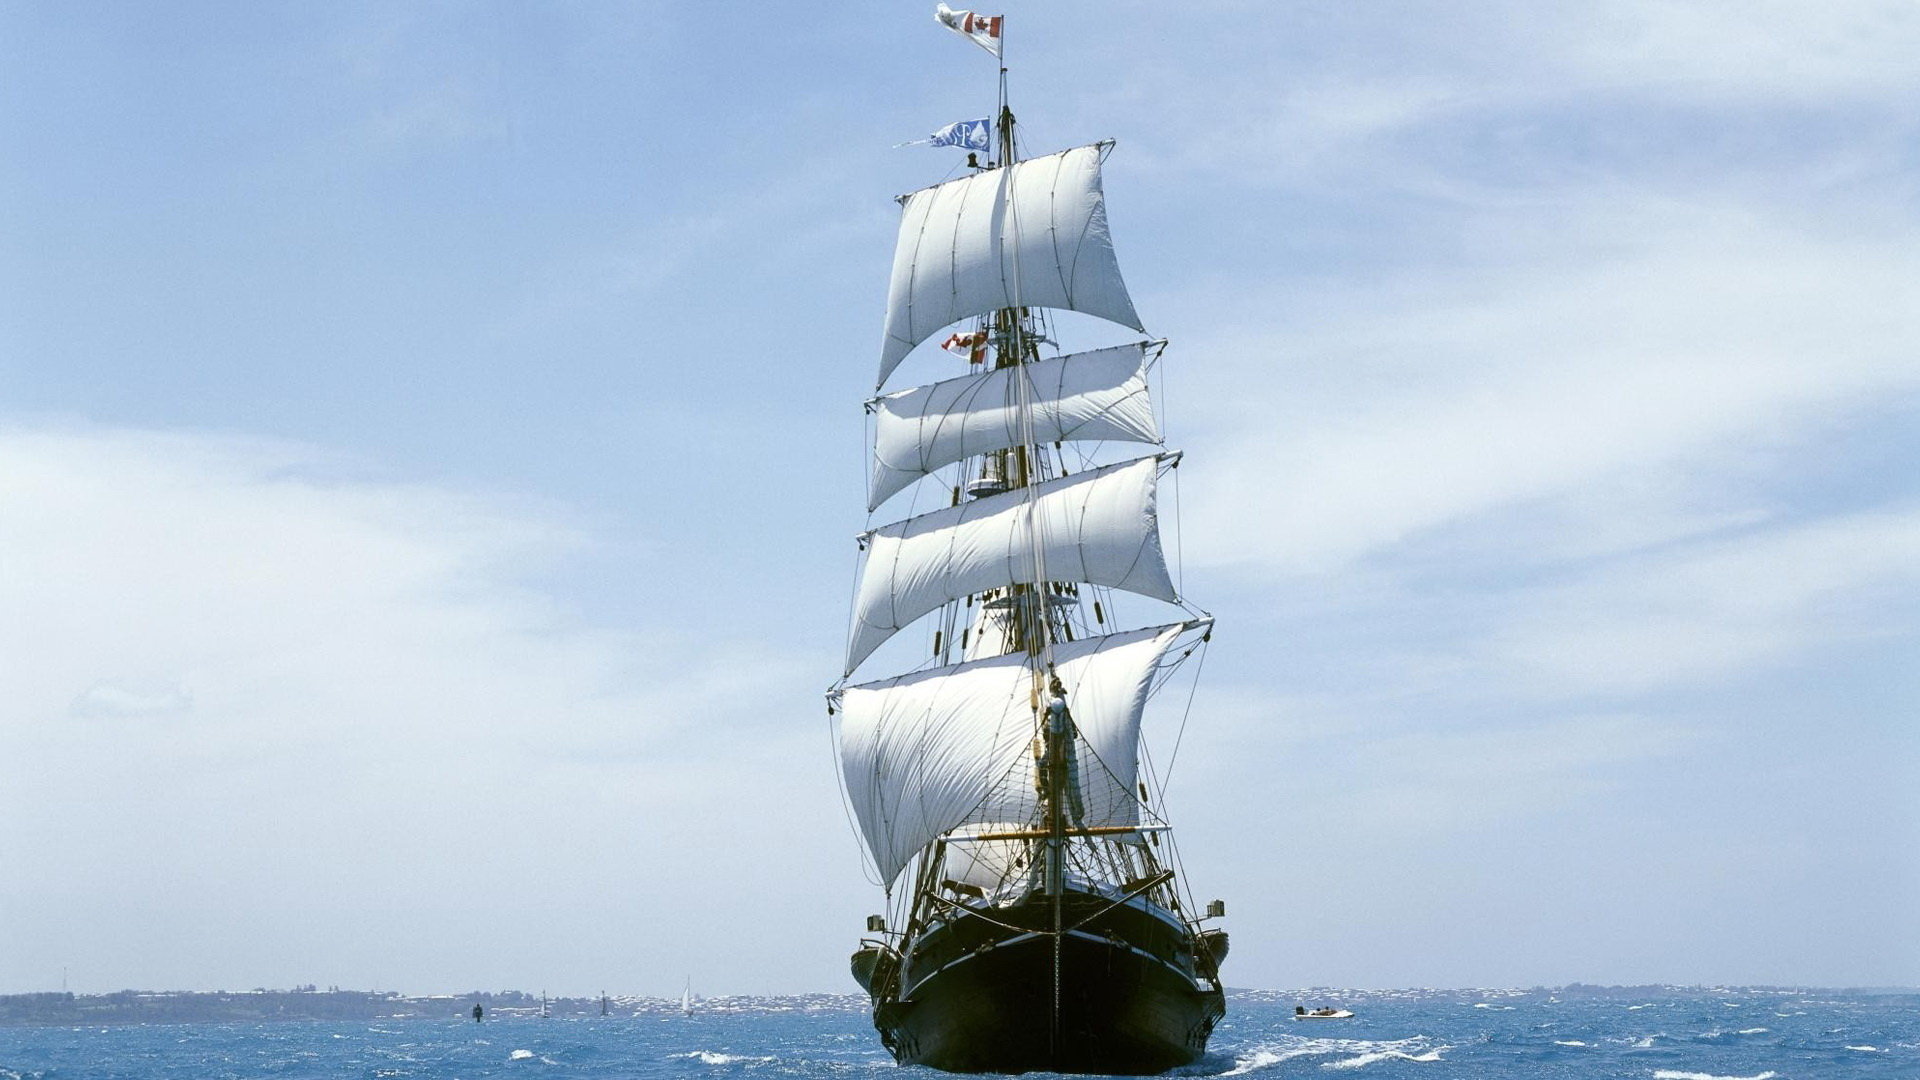 корабль плывет по океану картинки трудолюбие аккуратность